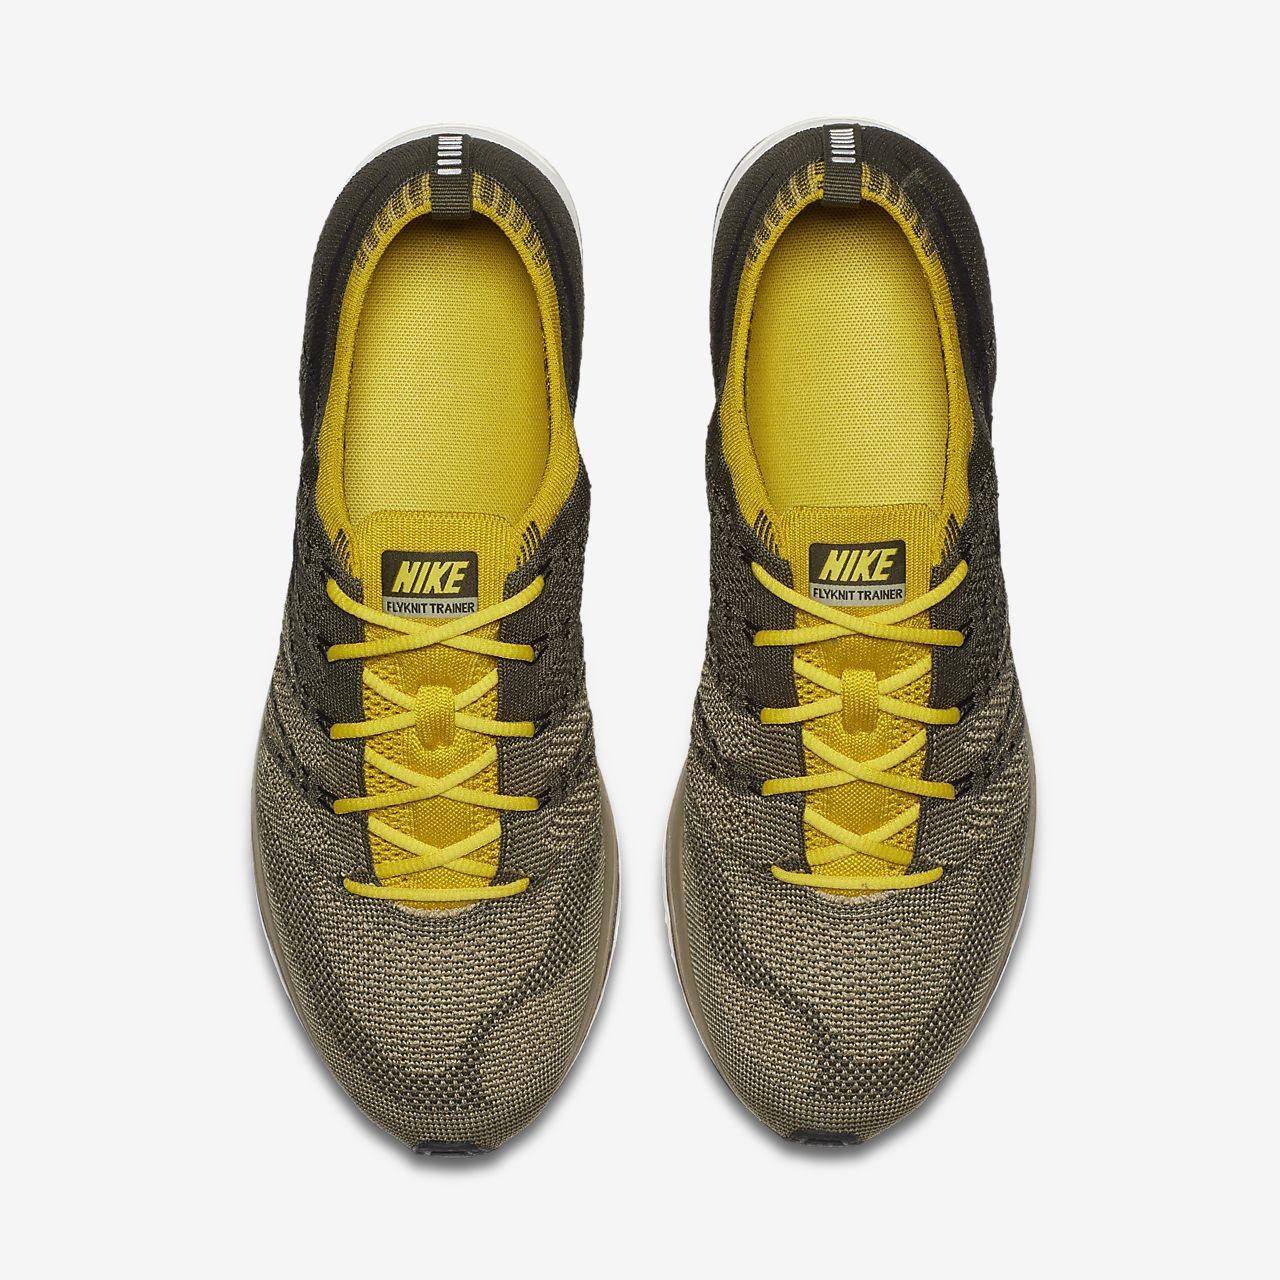 7dd0c60d1784 Nike Flyknit Trainer Unisex Shoe. Nike.com CA